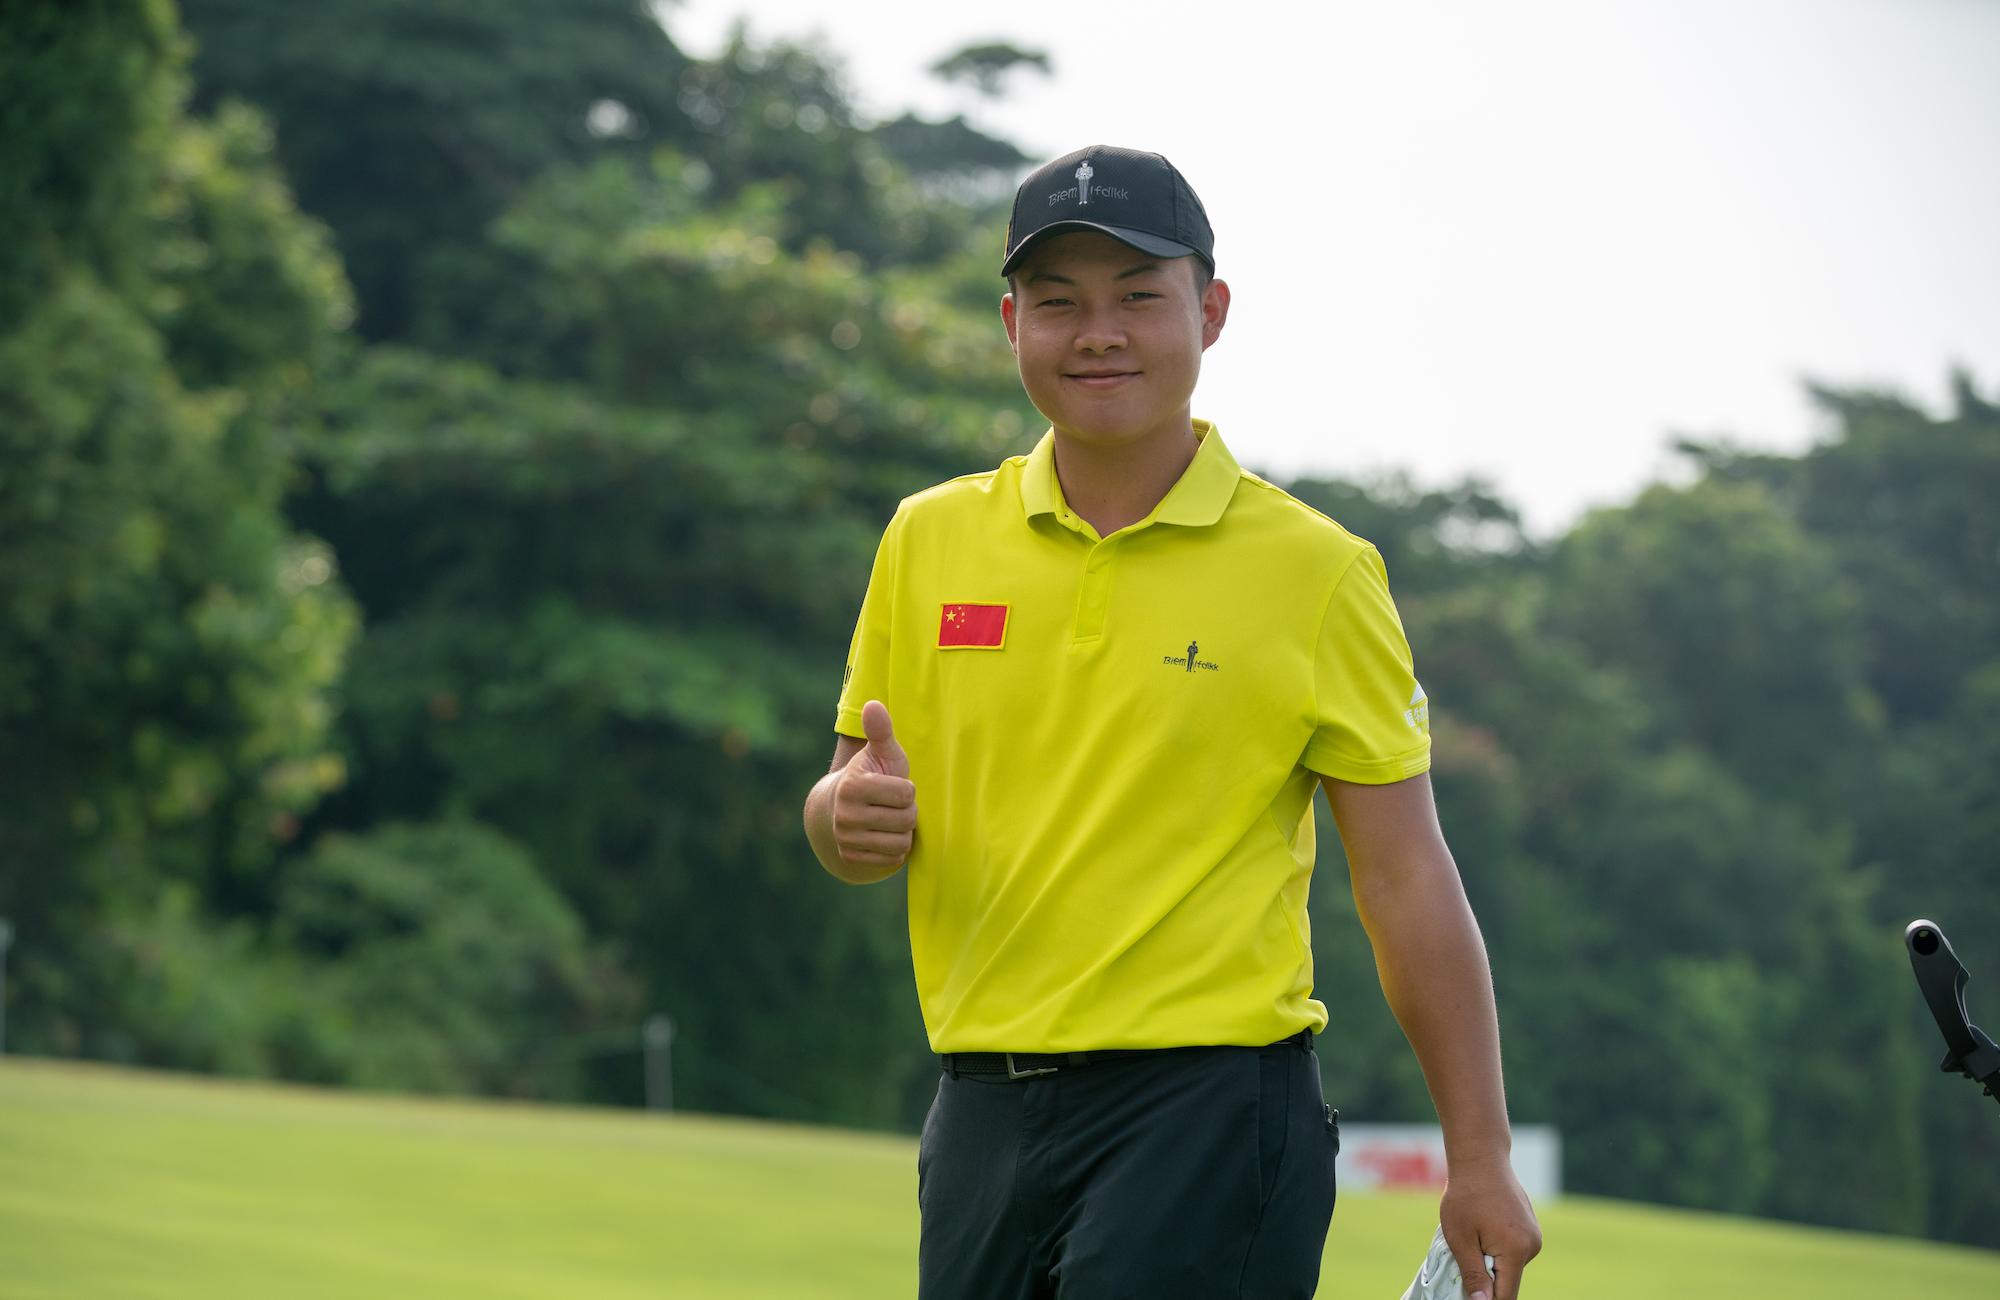 第11届亚太业余锦标赛 三位世界前十球手将领衔亚太区新星